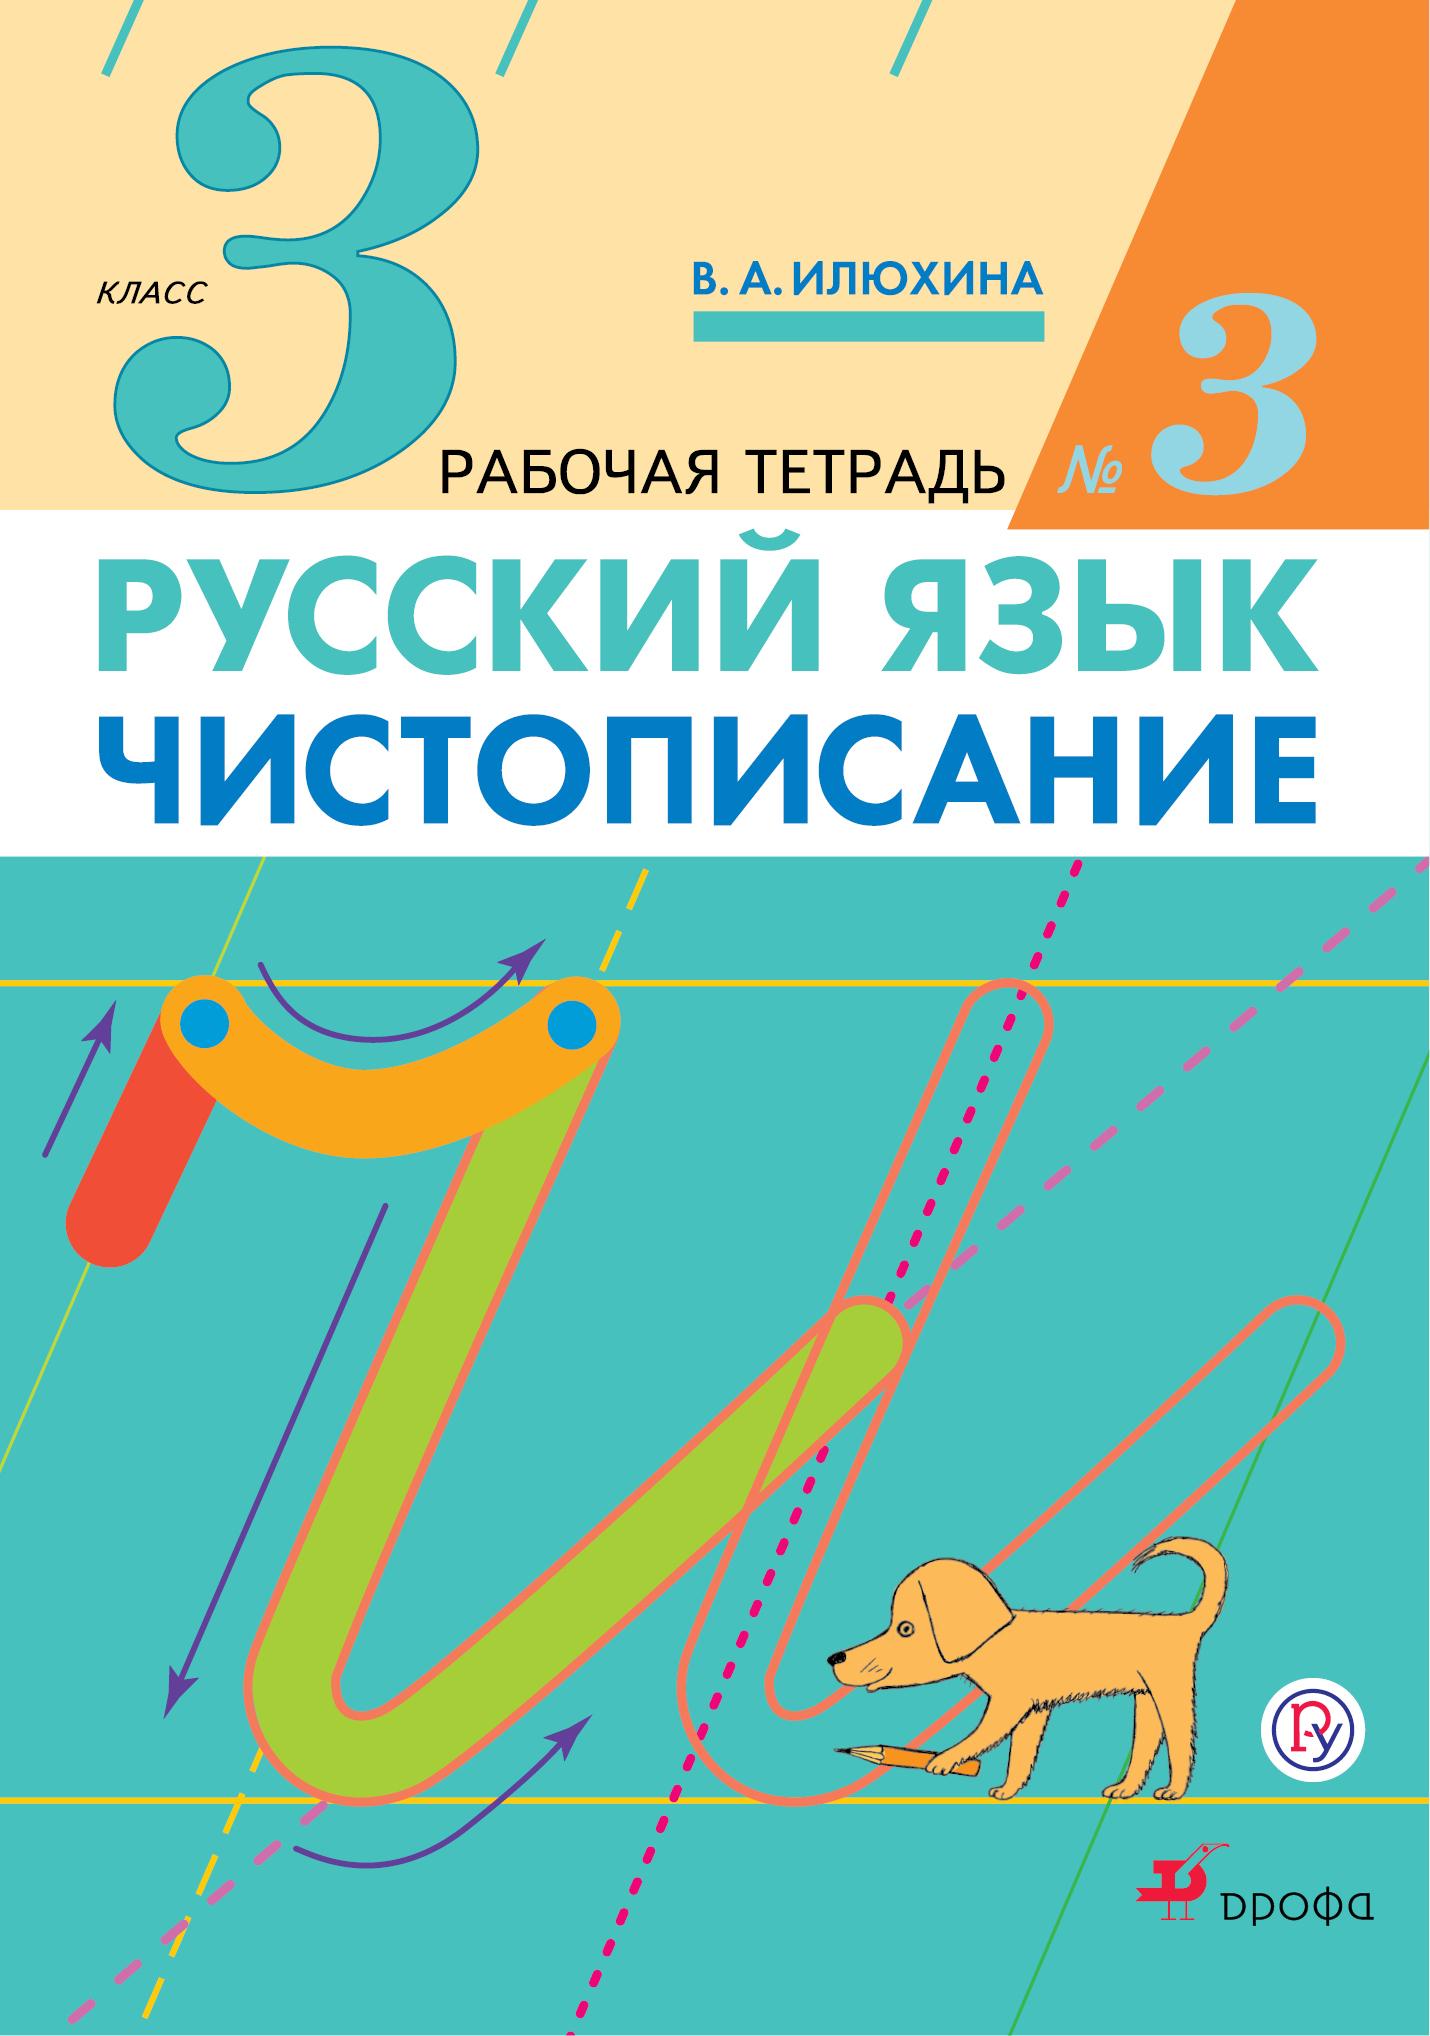 Русский язык. Чистописание. 3 класс. Рабочая тетрадь № 3 ( Илюхина В.А.  )